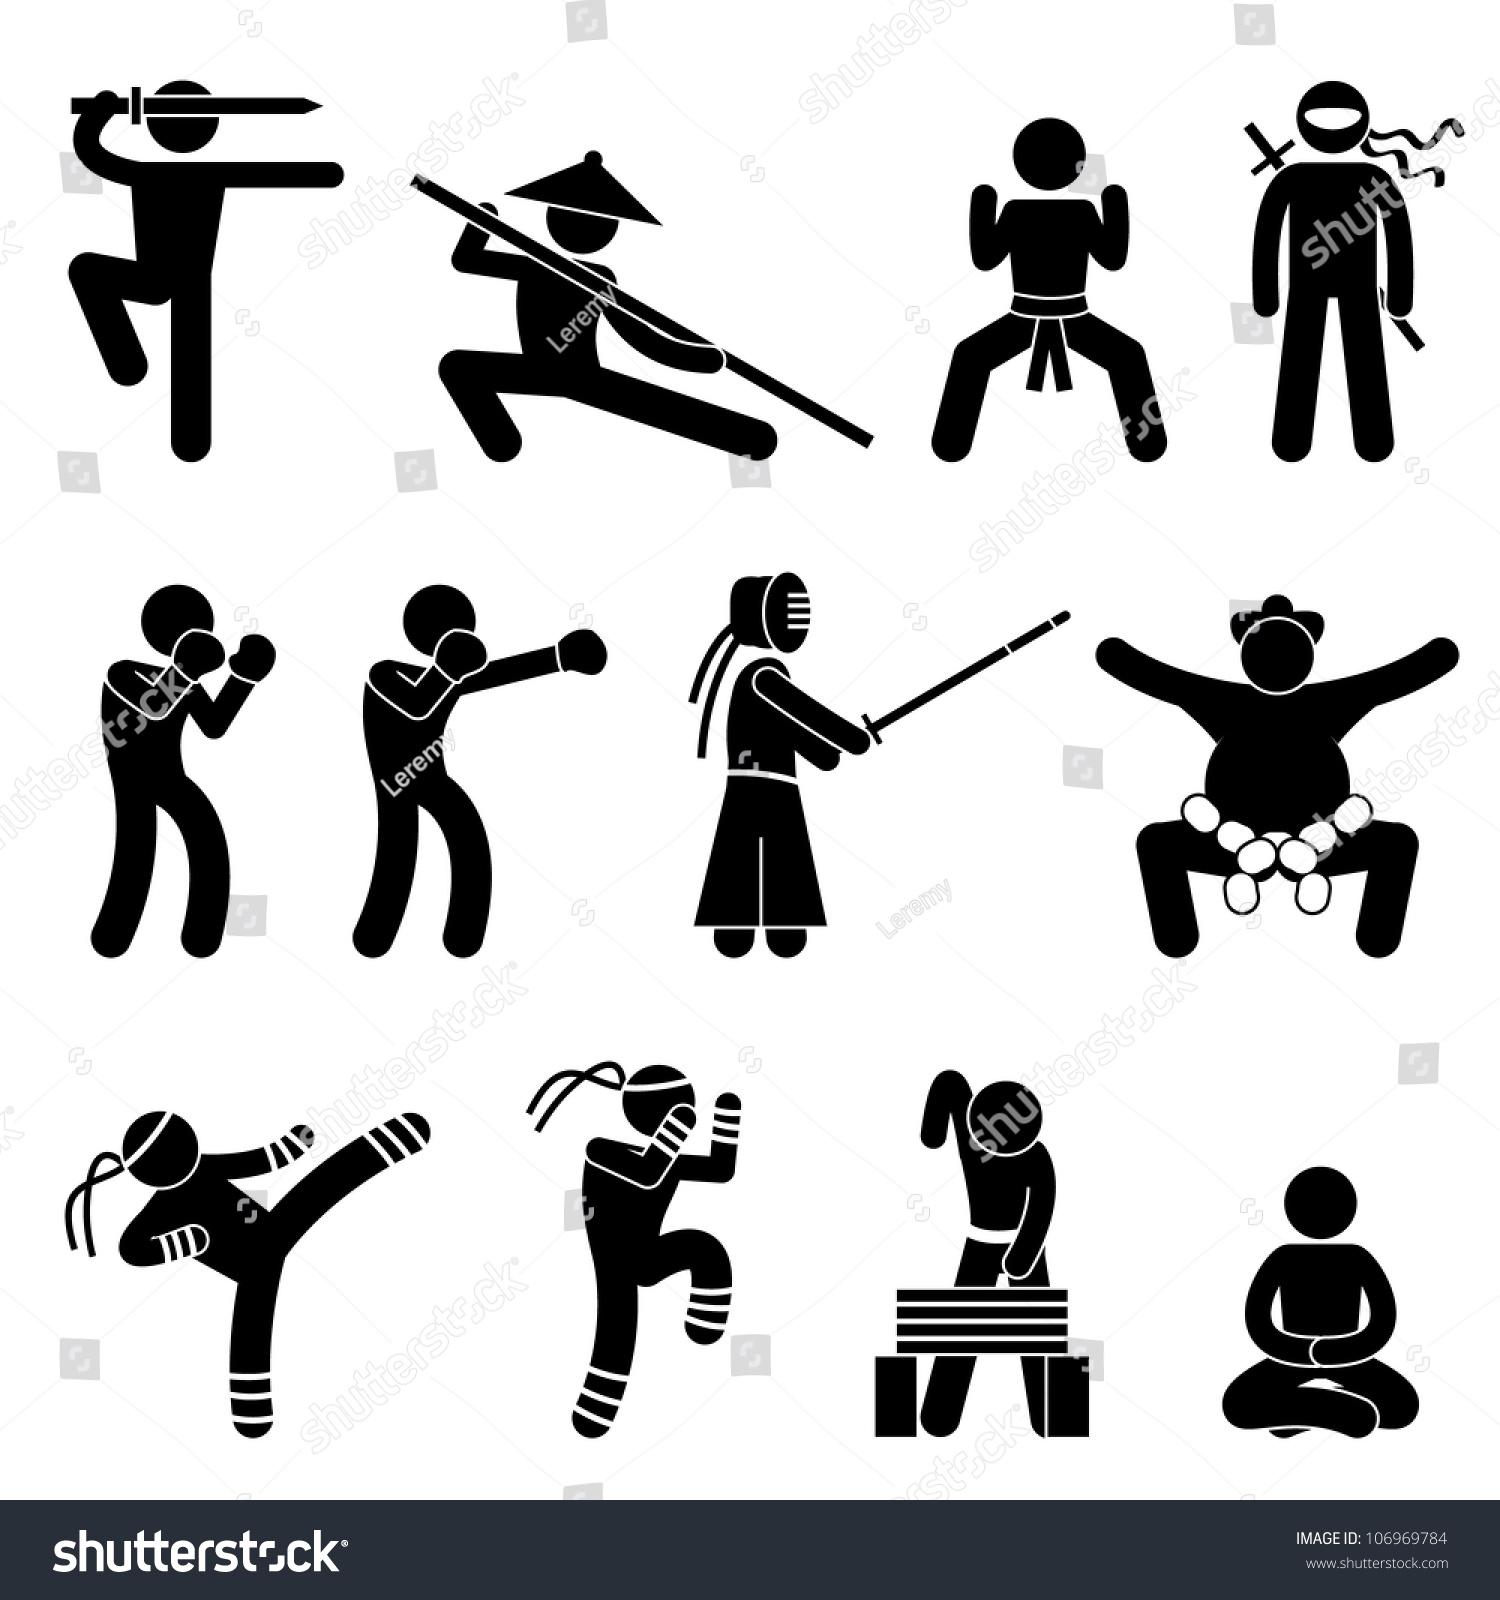 how to write ninja in chinese